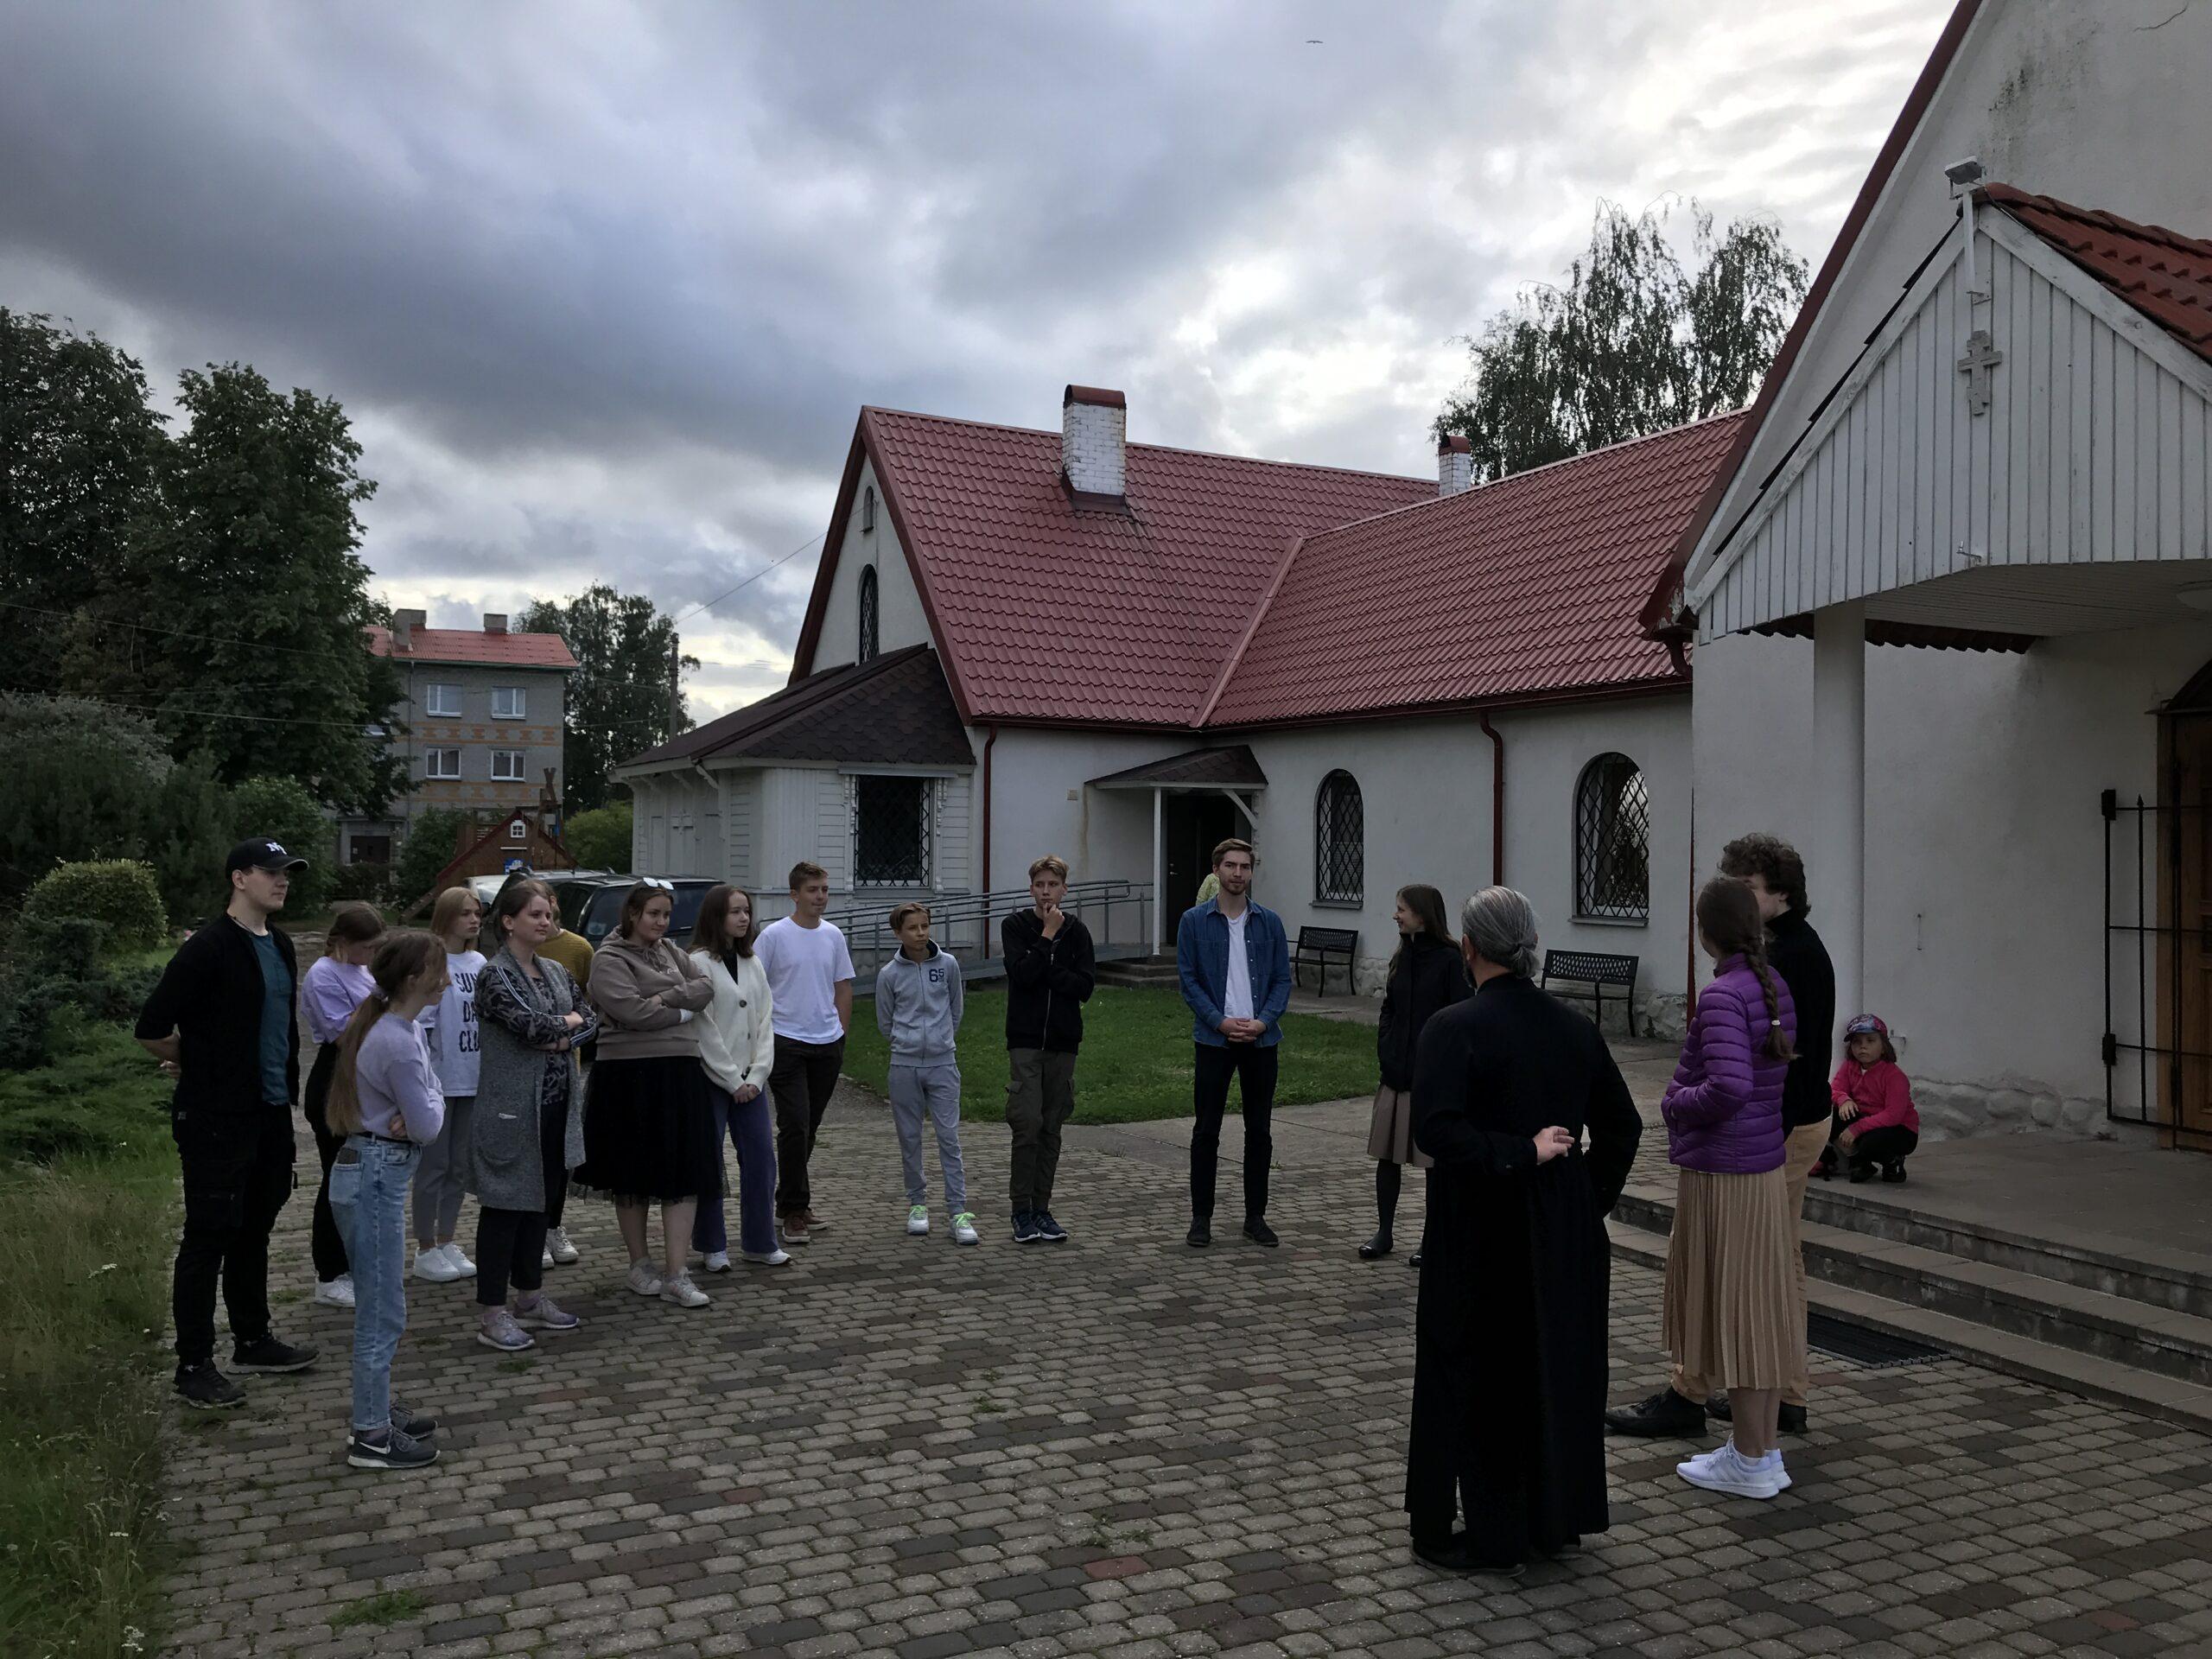 Божественная литургия в последний день лагеря.